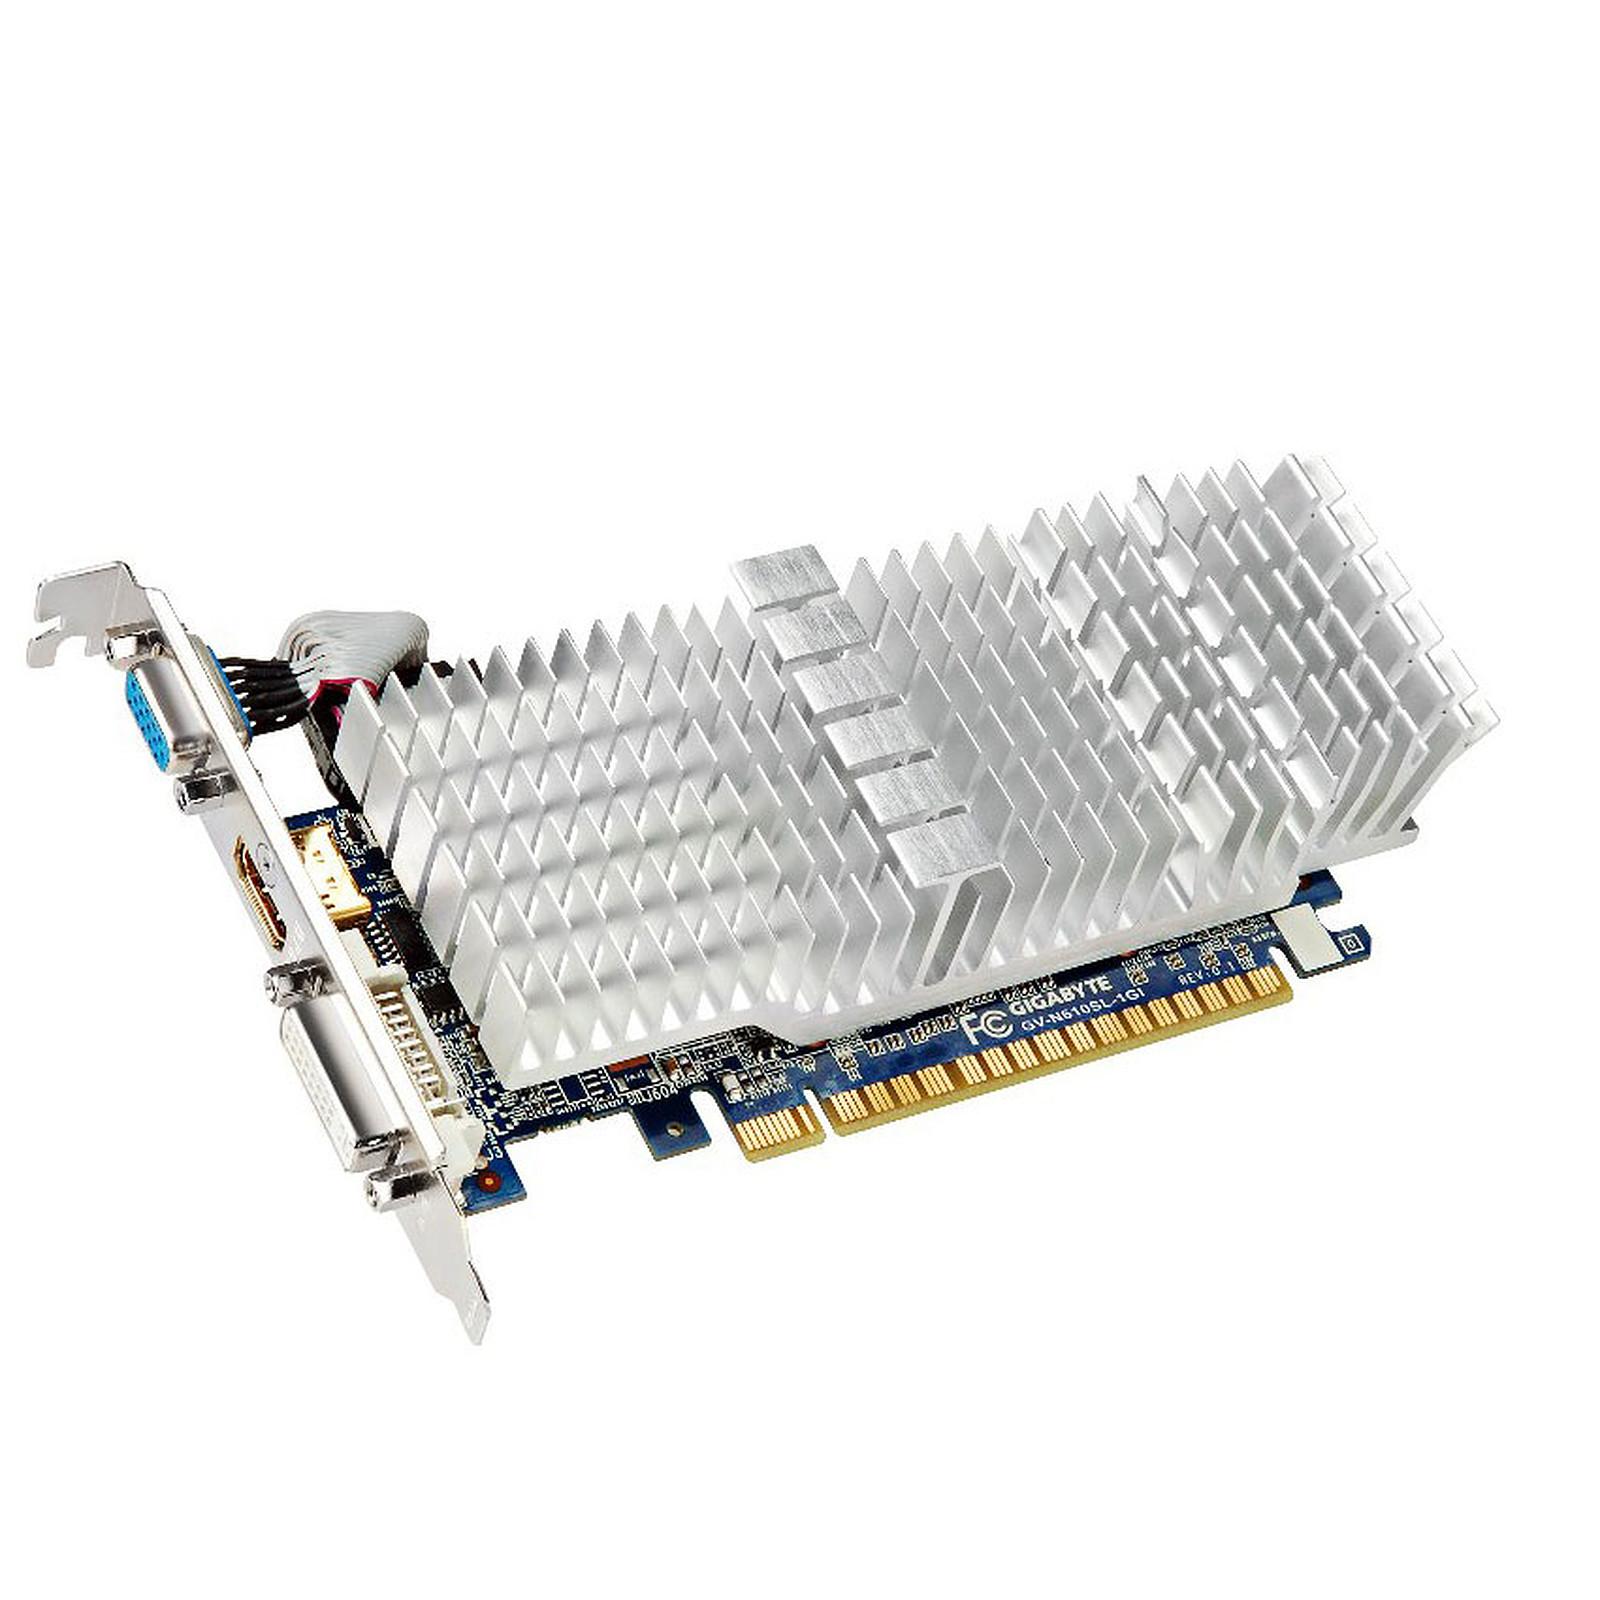 Gigabyte GeForce GT 610 GV-N610SL-1GI